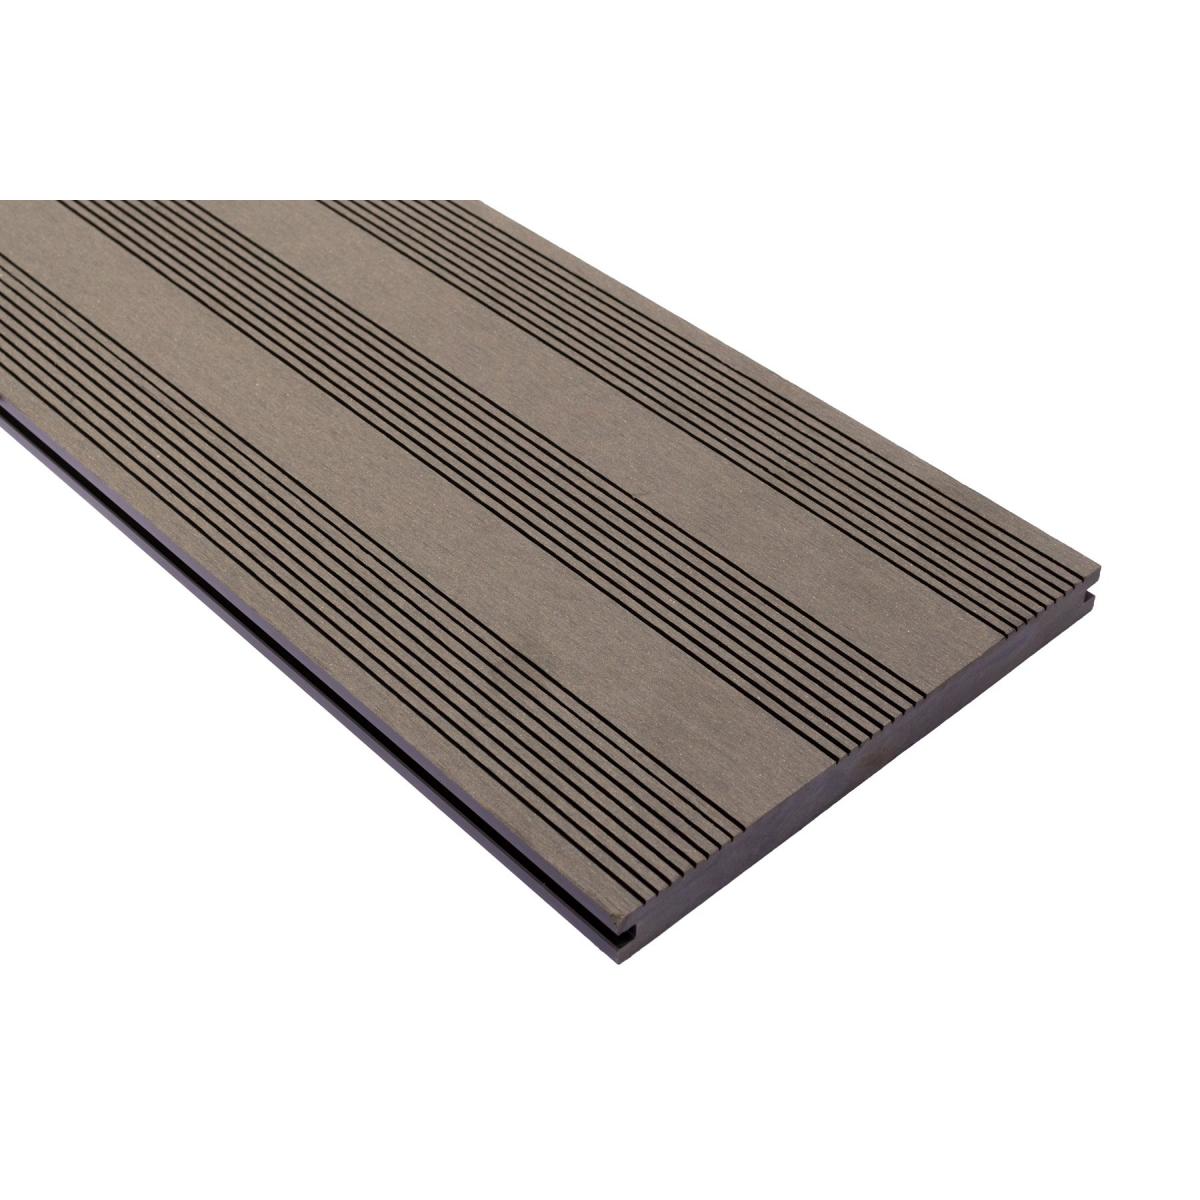 Vareprøve Terrassebord kompositt Wideplank massiv grå 22cm bredde